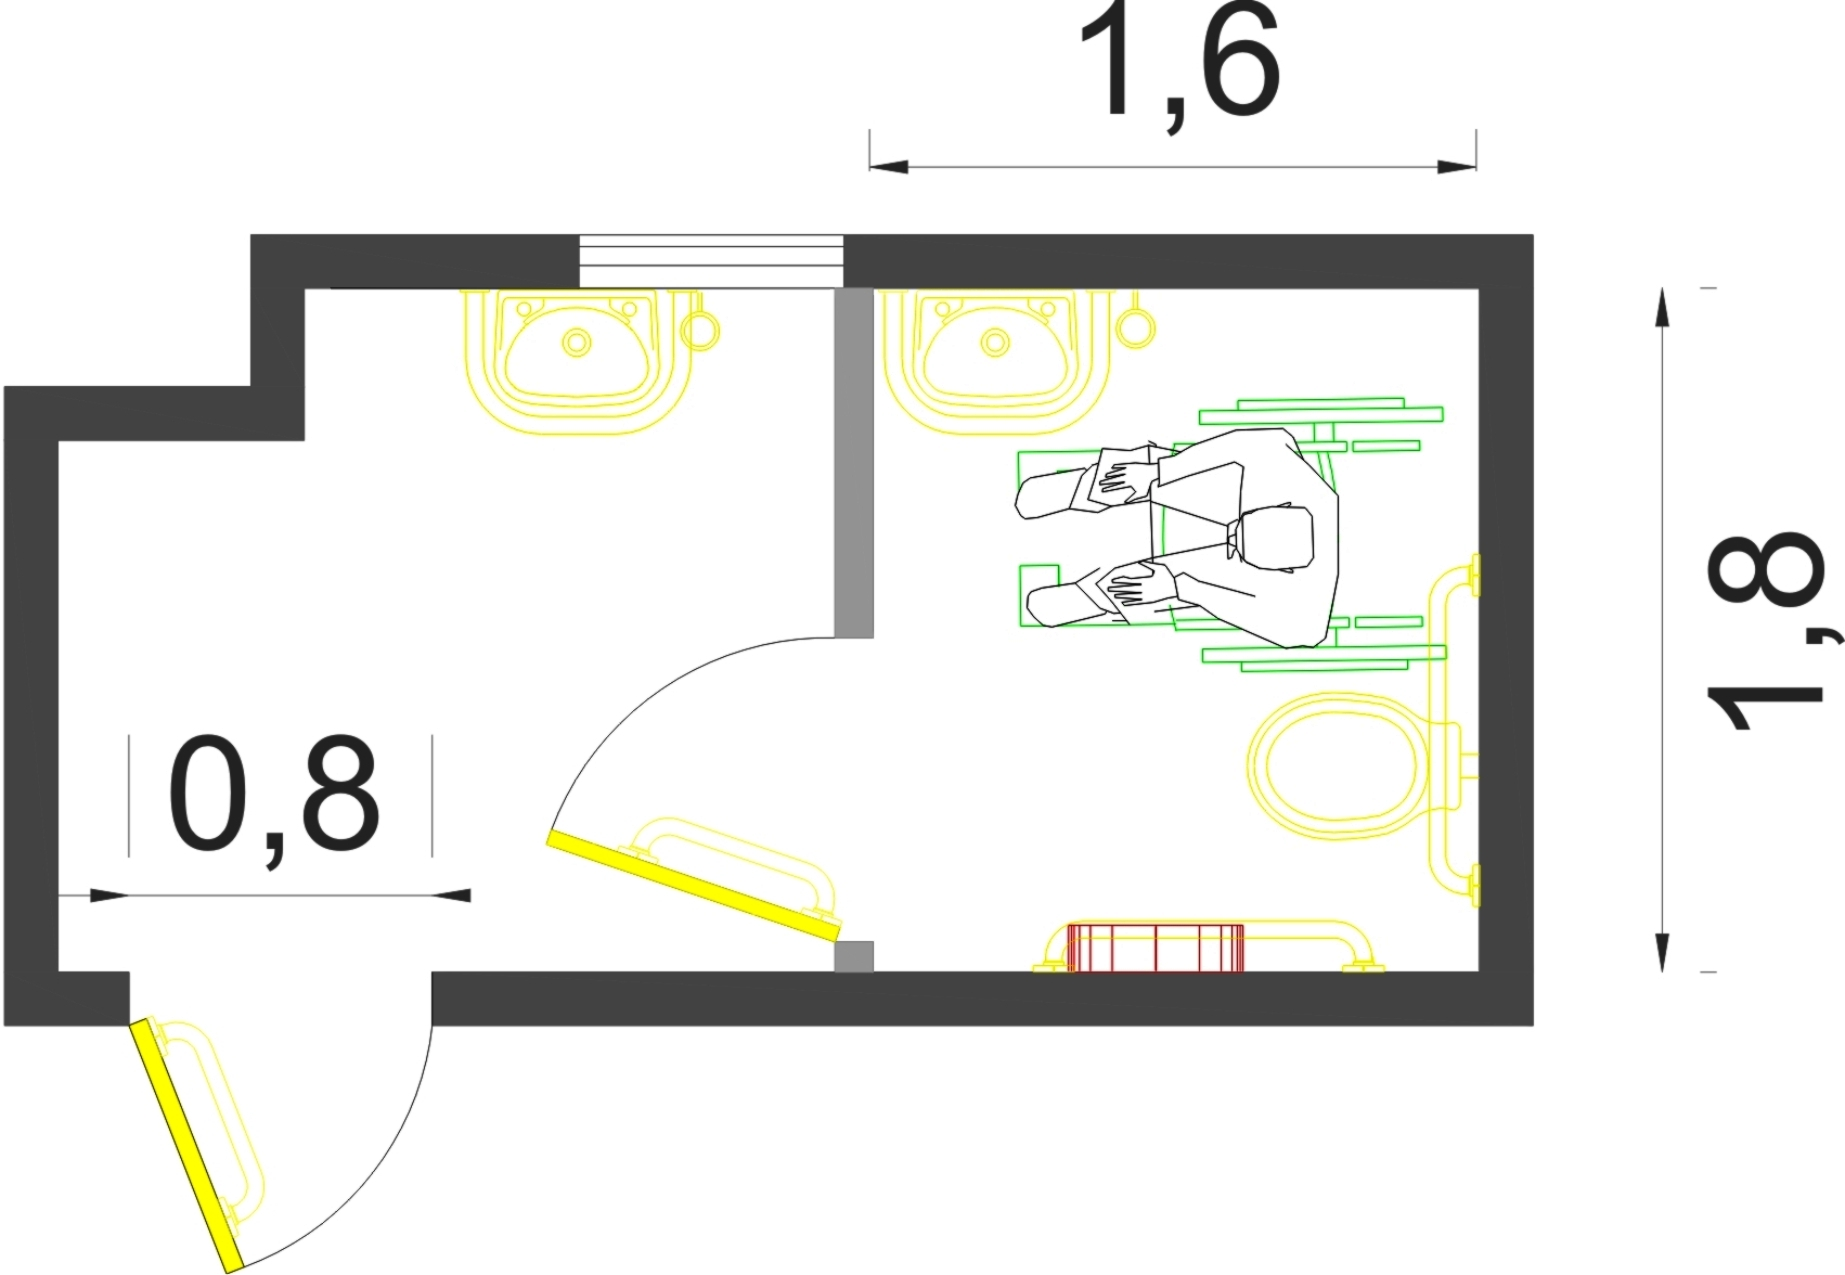 planta com proposta de acessibilidade para o sanitário #BFBF0C 1845 1275